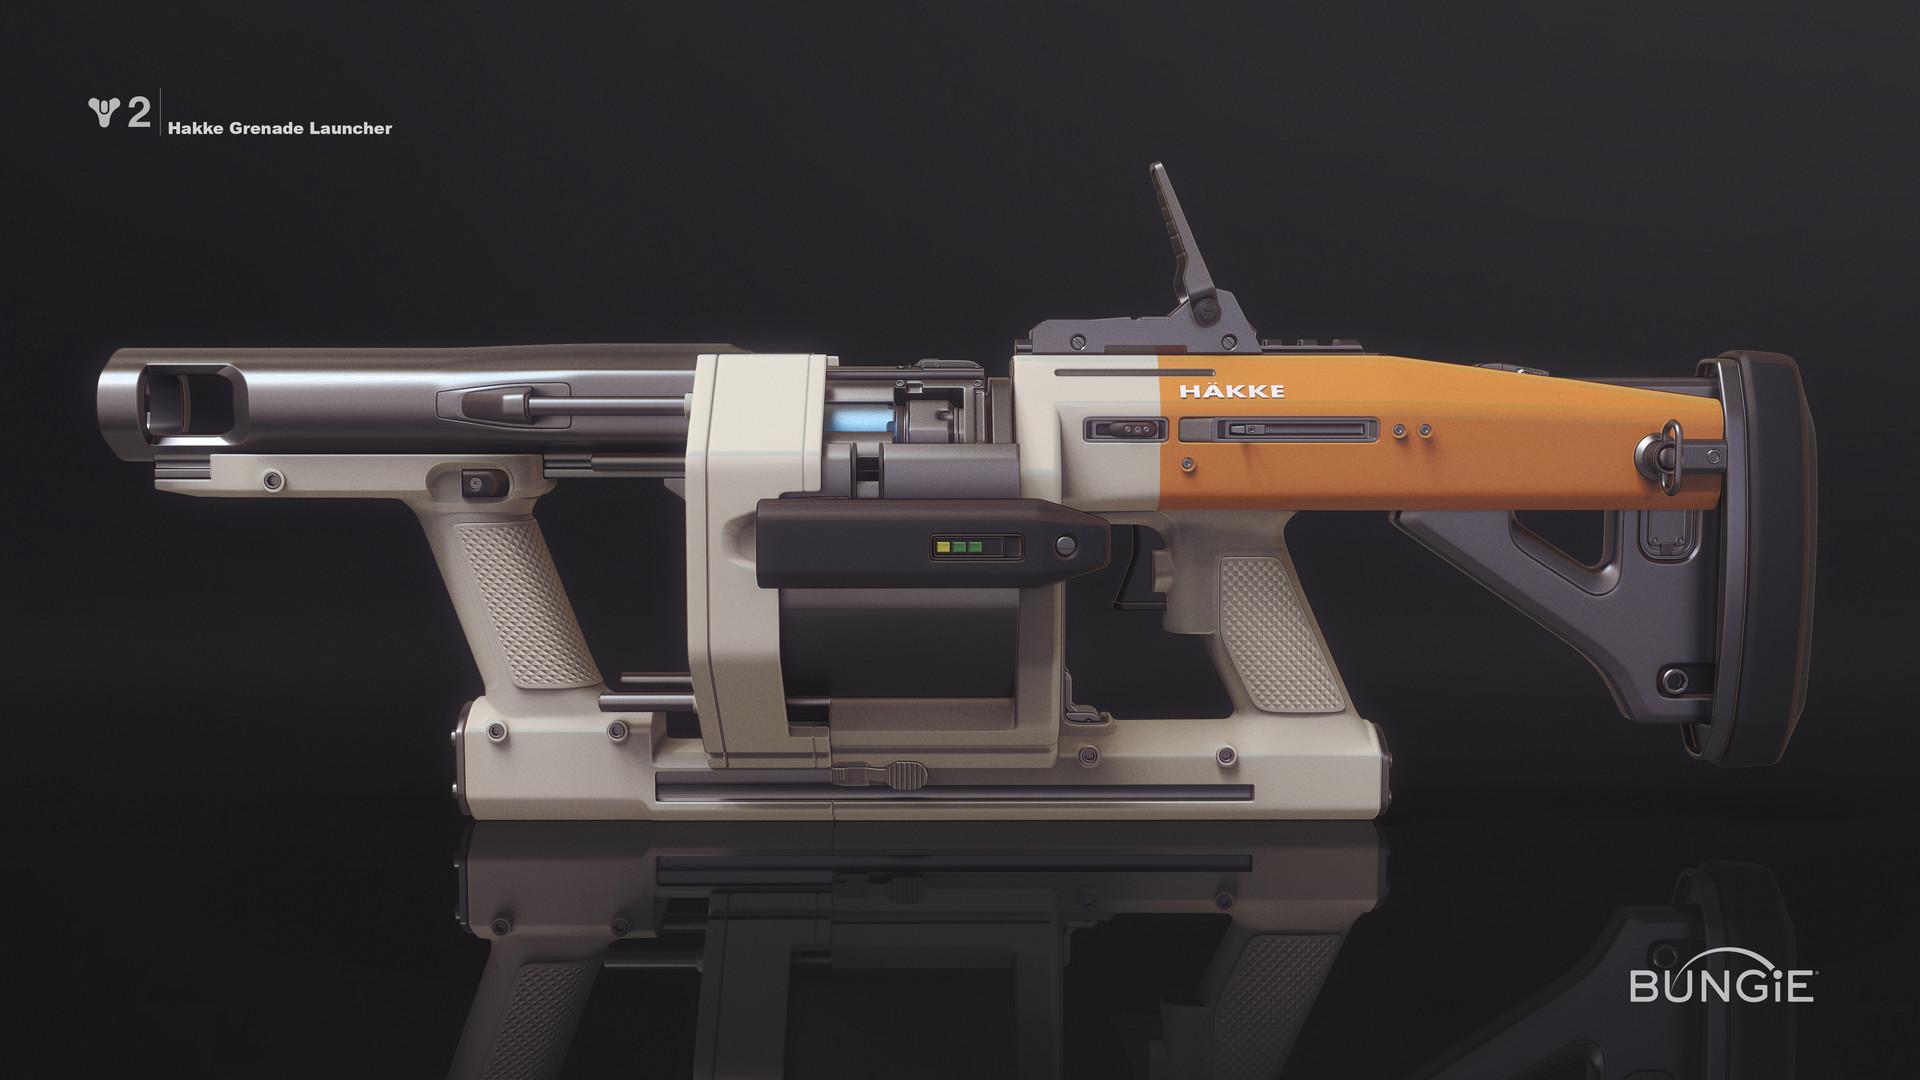 Mark van haitsma d2 hakke grenade launcher